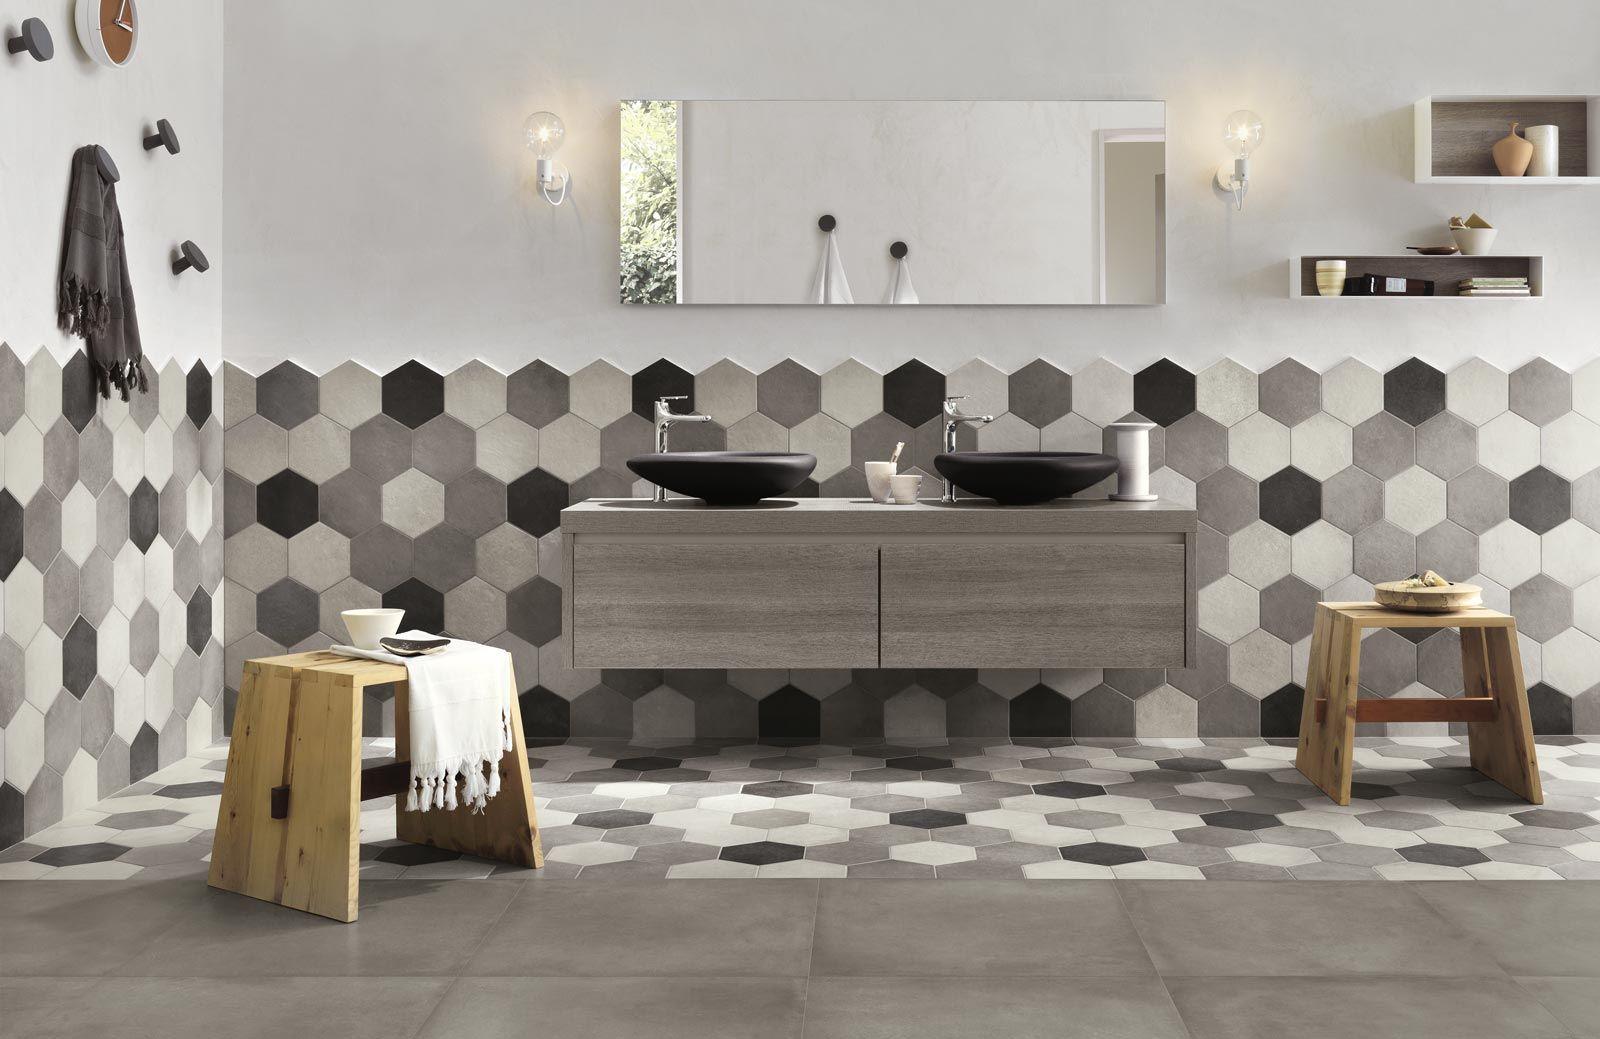 La Maison Du Carrelage Et Sanitaire Balma imitations carreaux ciments – l.m.c.s. la maison du